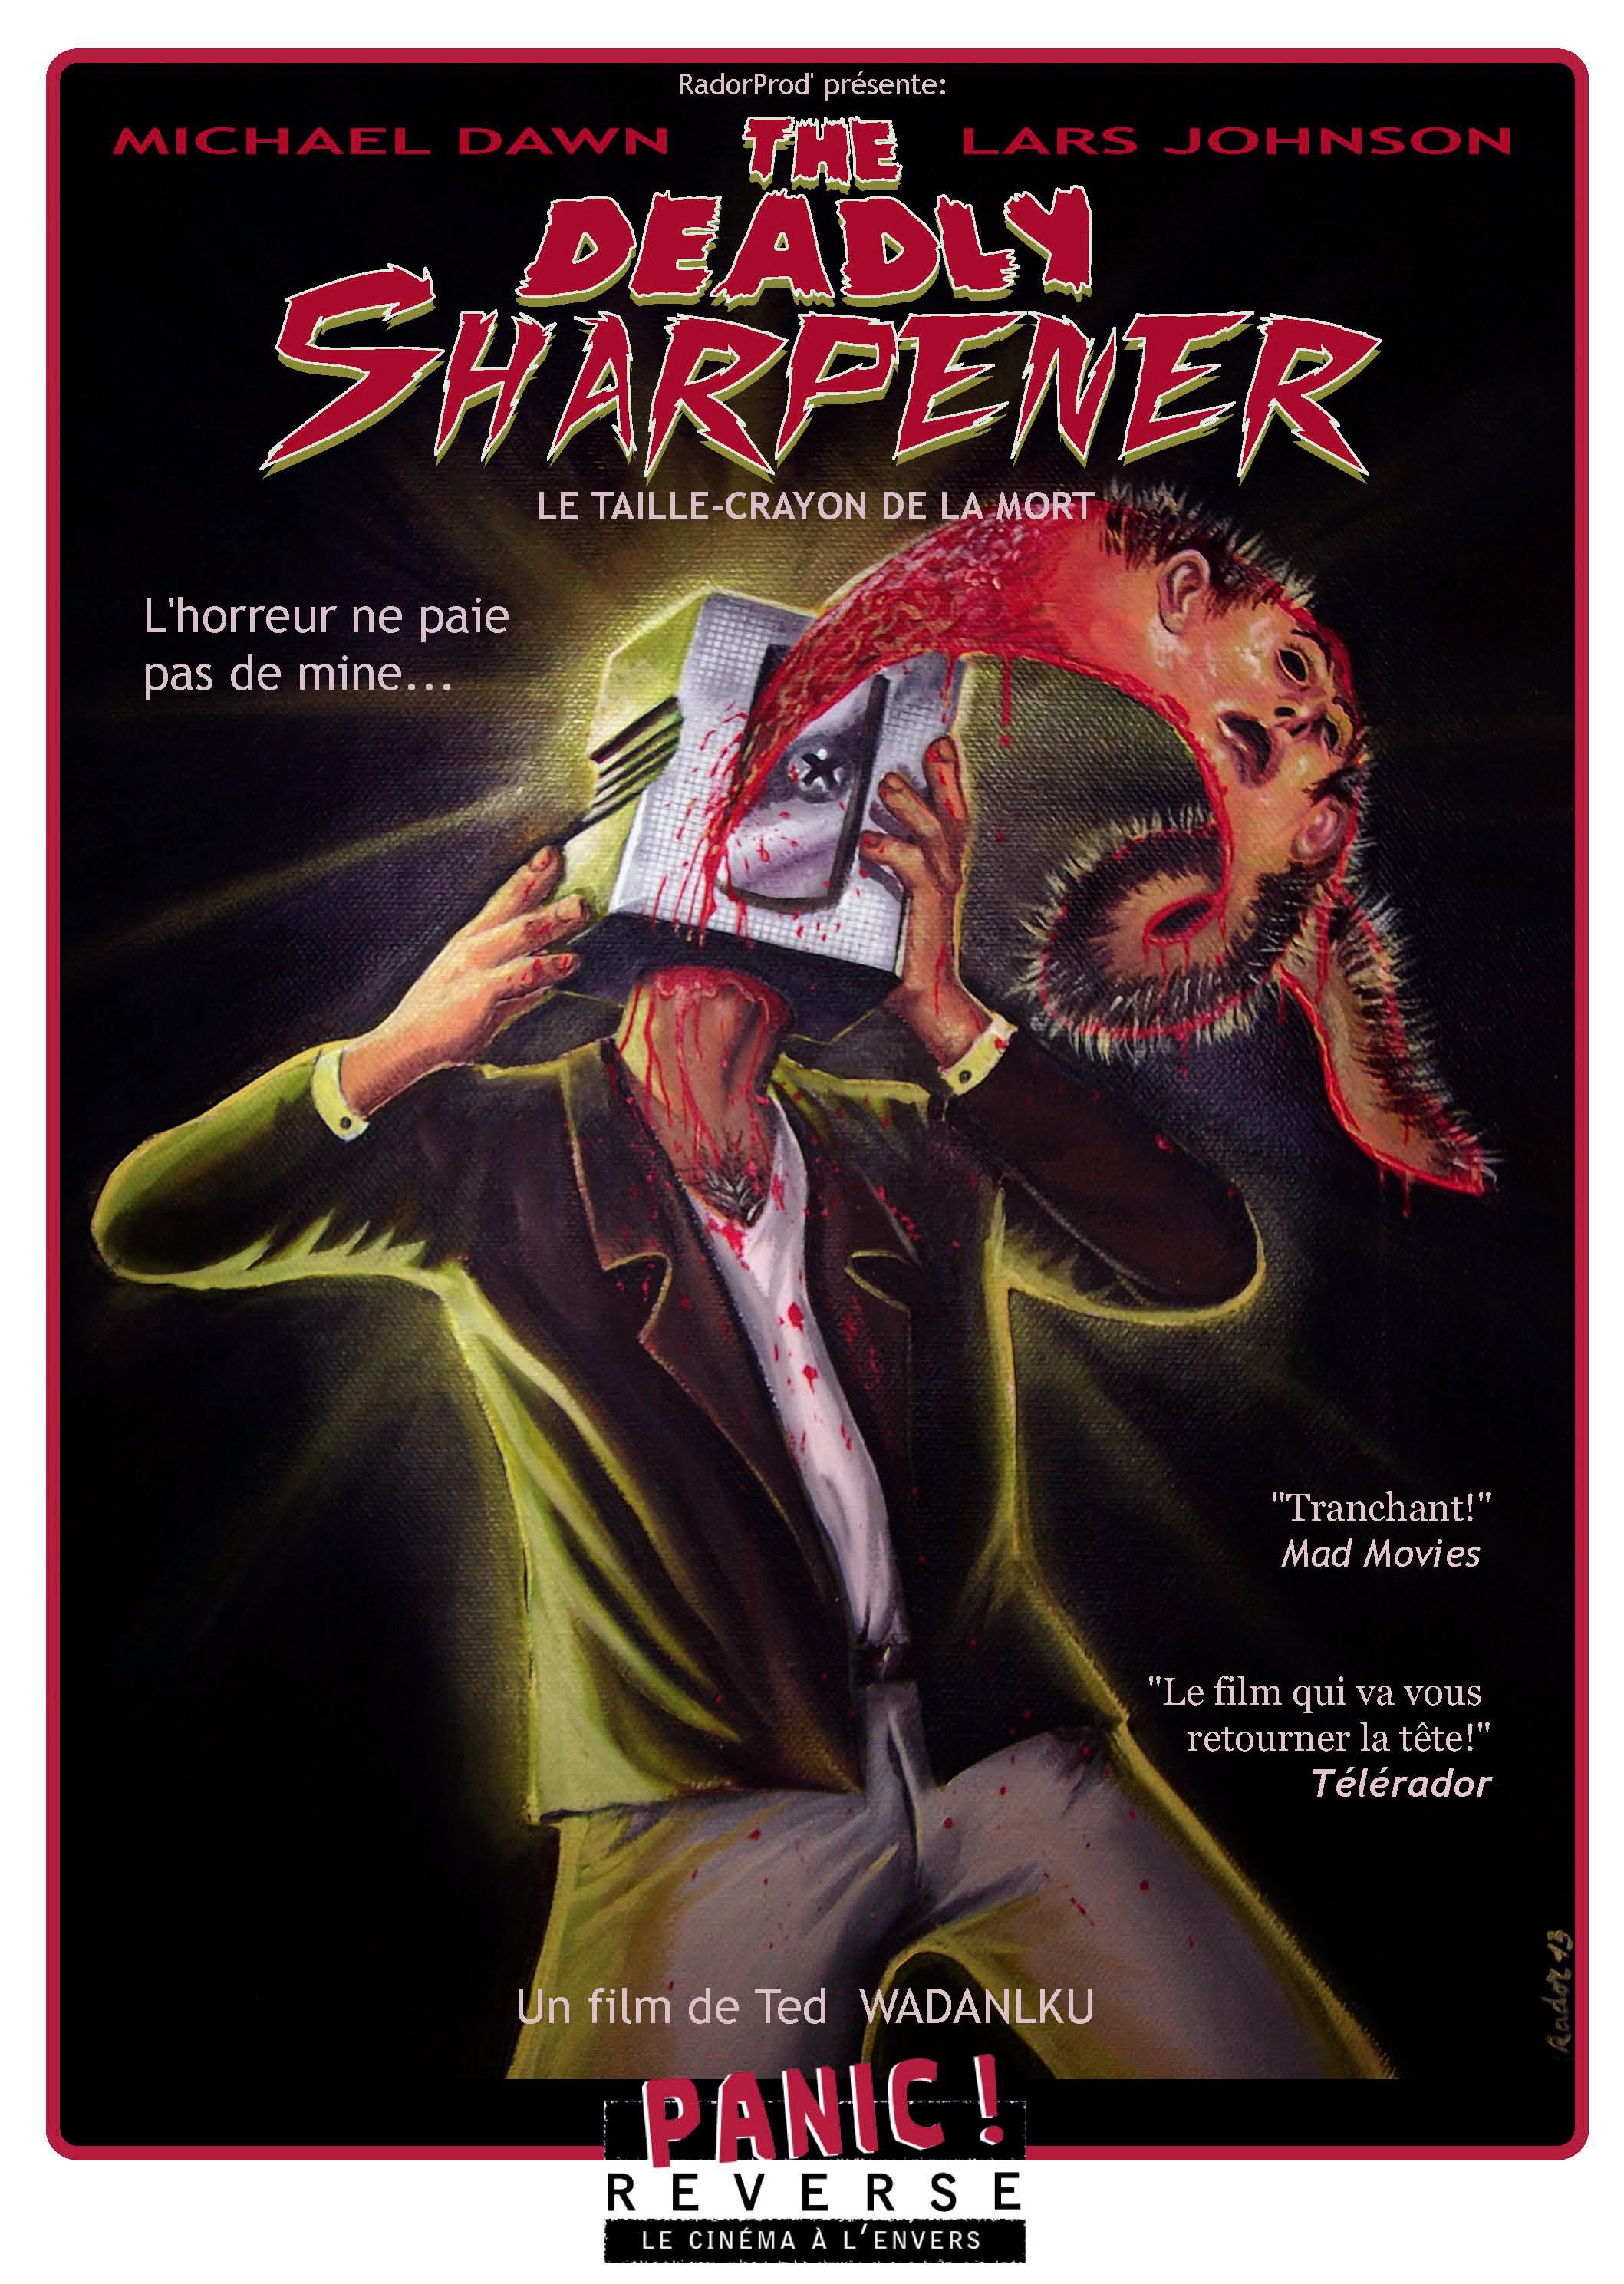 Rémy Seynhaeve - deadly sharpener